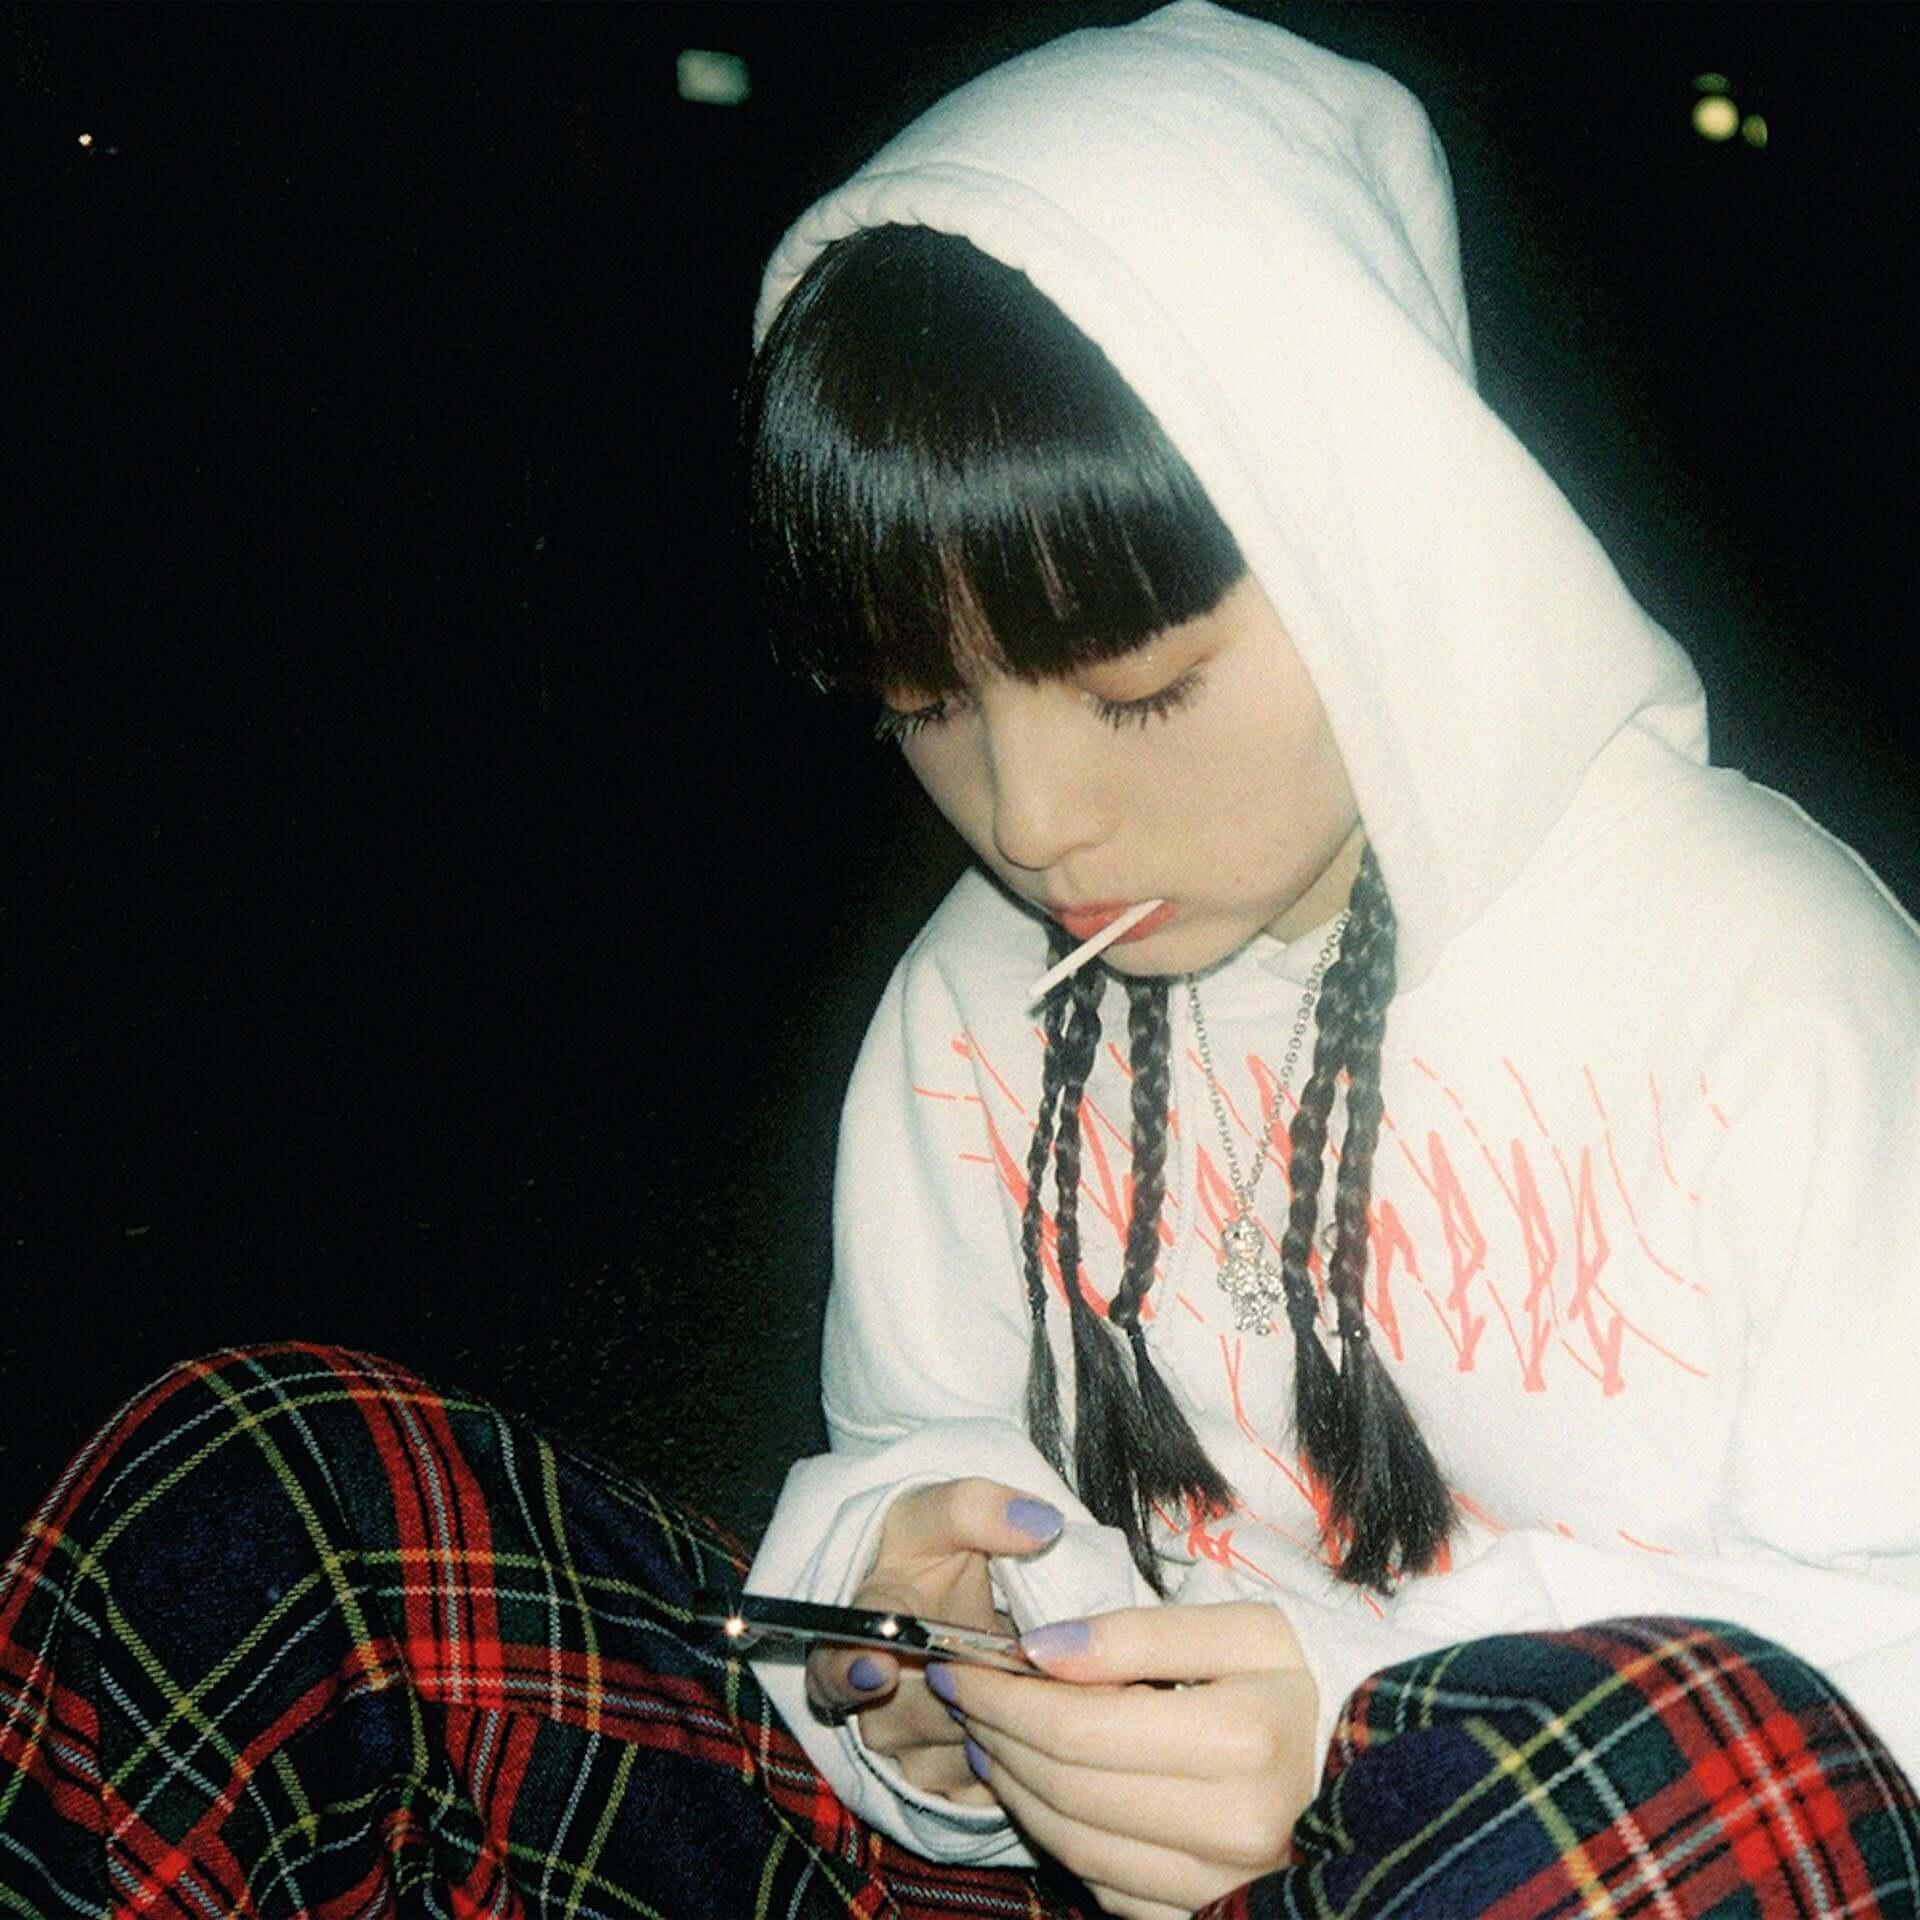 """MANONが4ヶ月ぶりのニューシングル""""18""""をリリース&MV公開!楽曲はKMがプロデュース music201120_manon_2-1920x1920"""